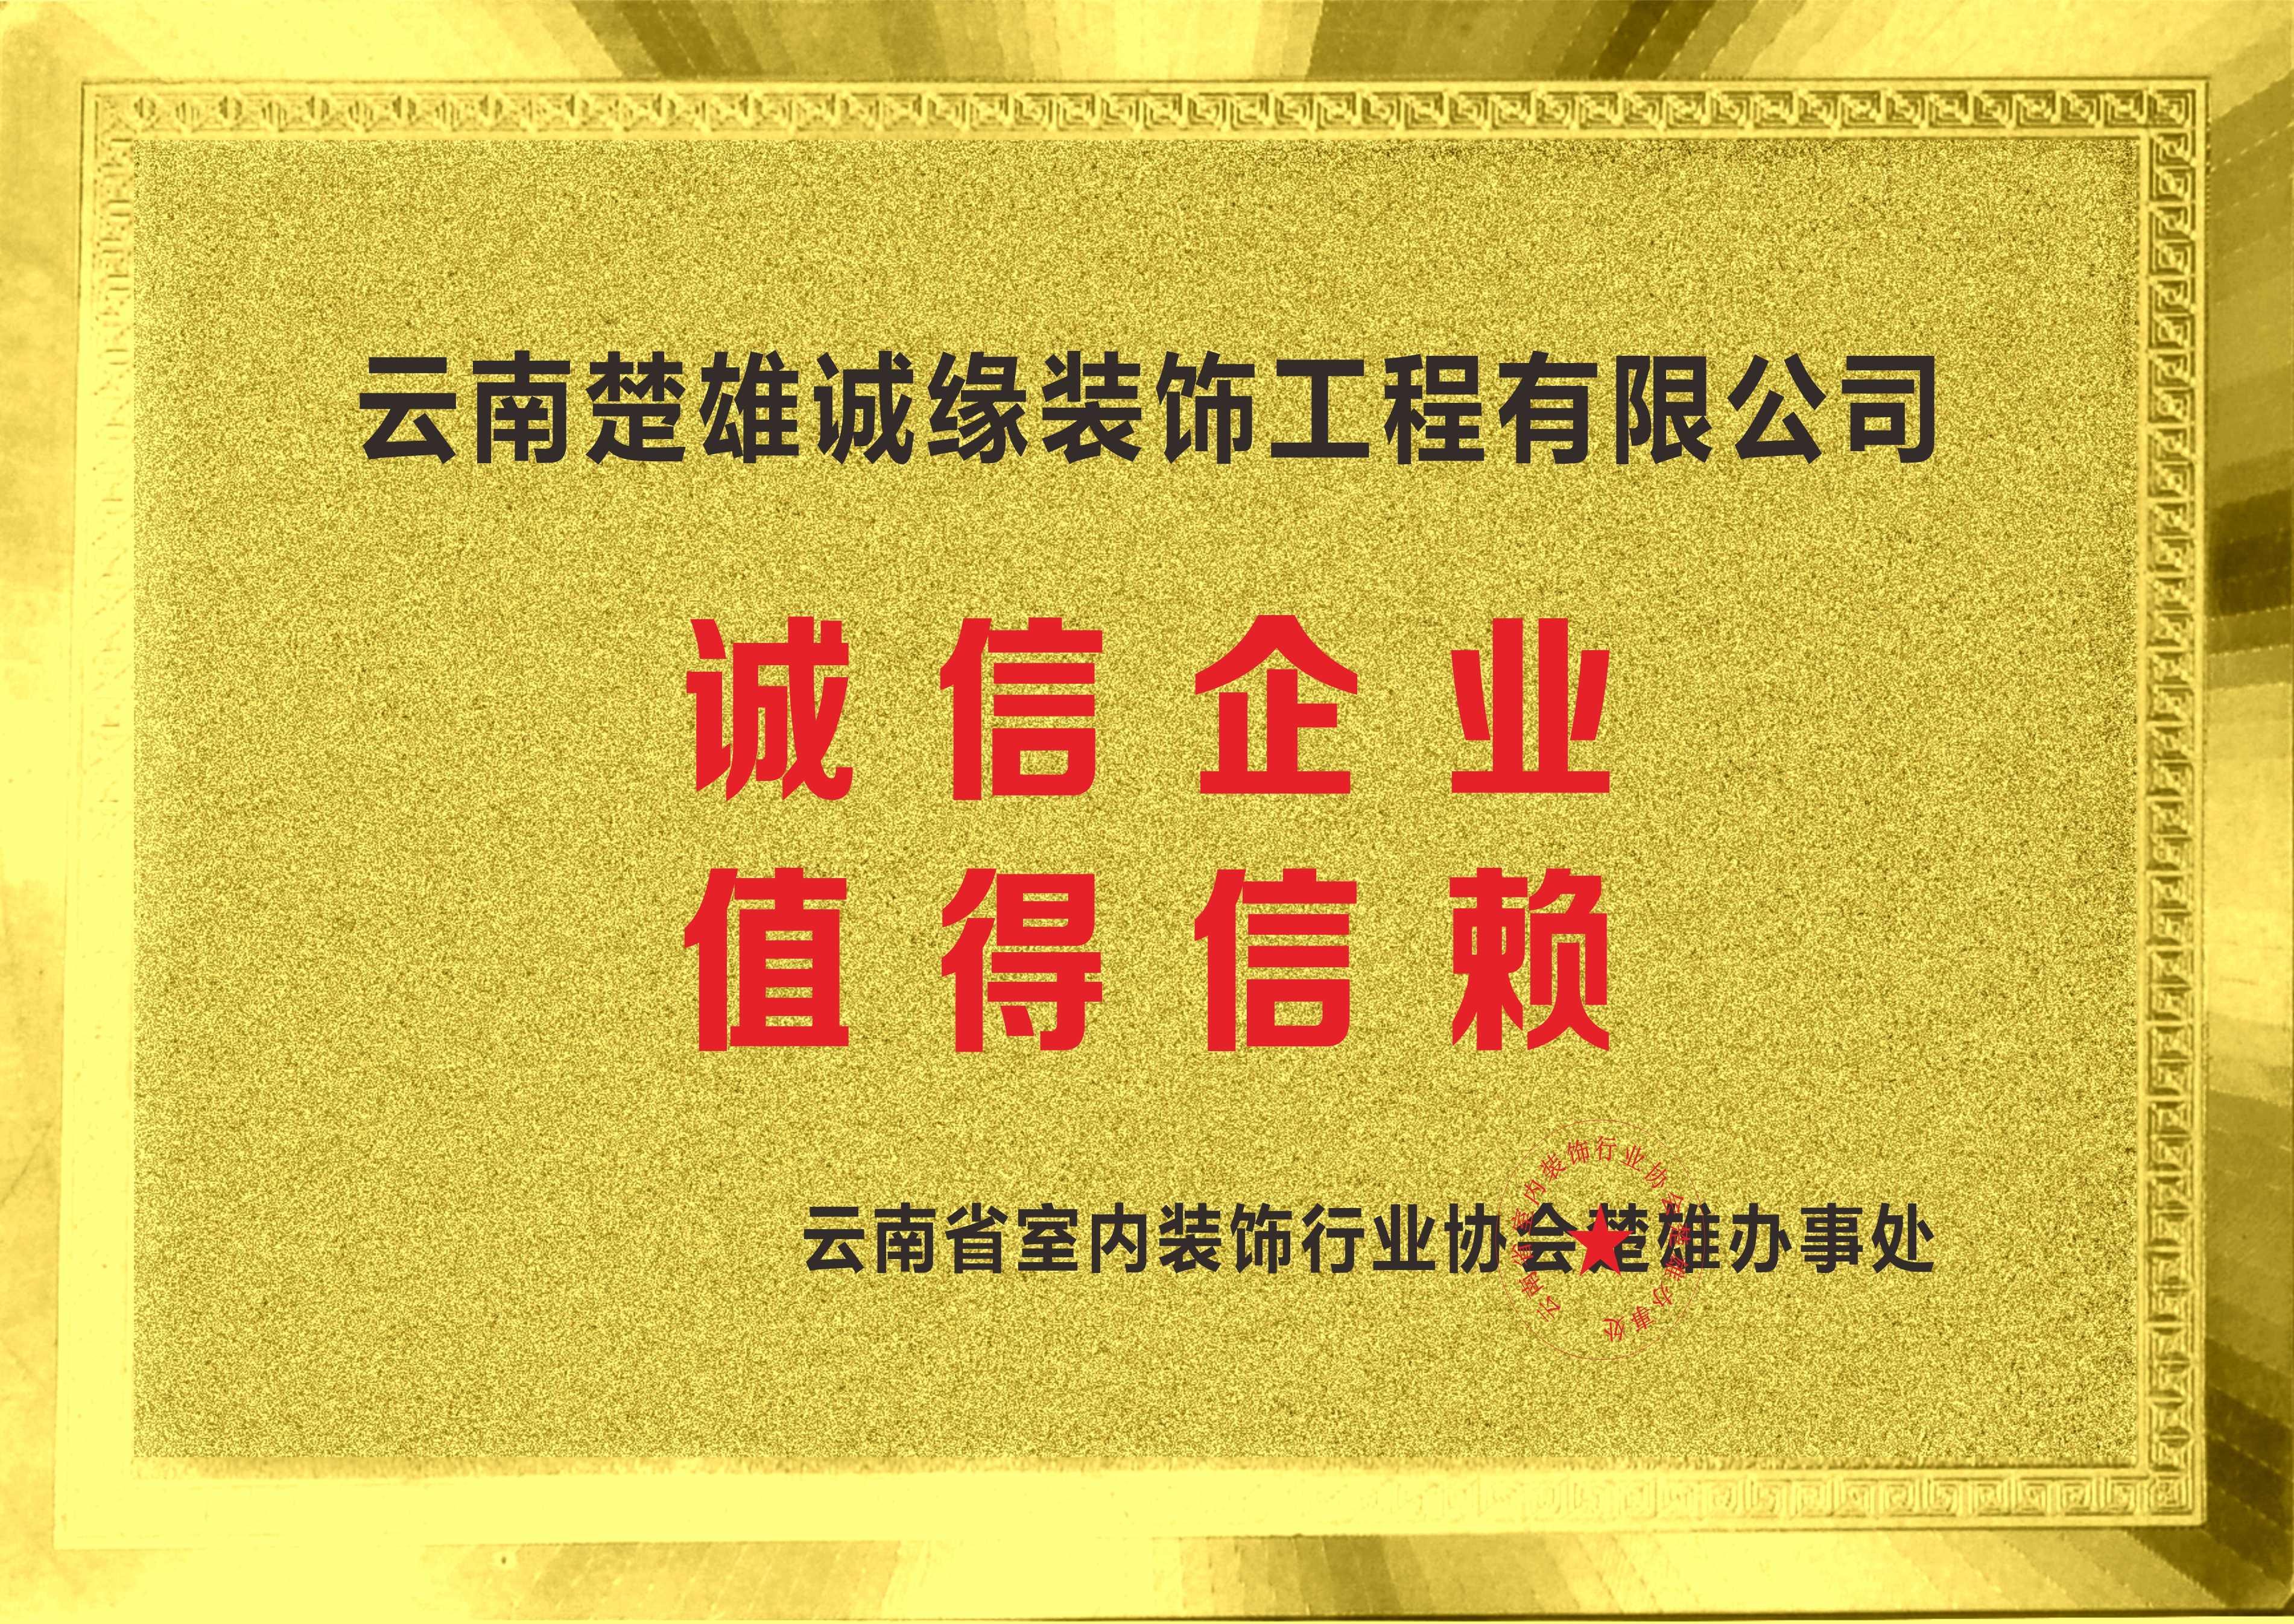 云南誠緣裝飾工程有限公司-誠信企業-值得信賴